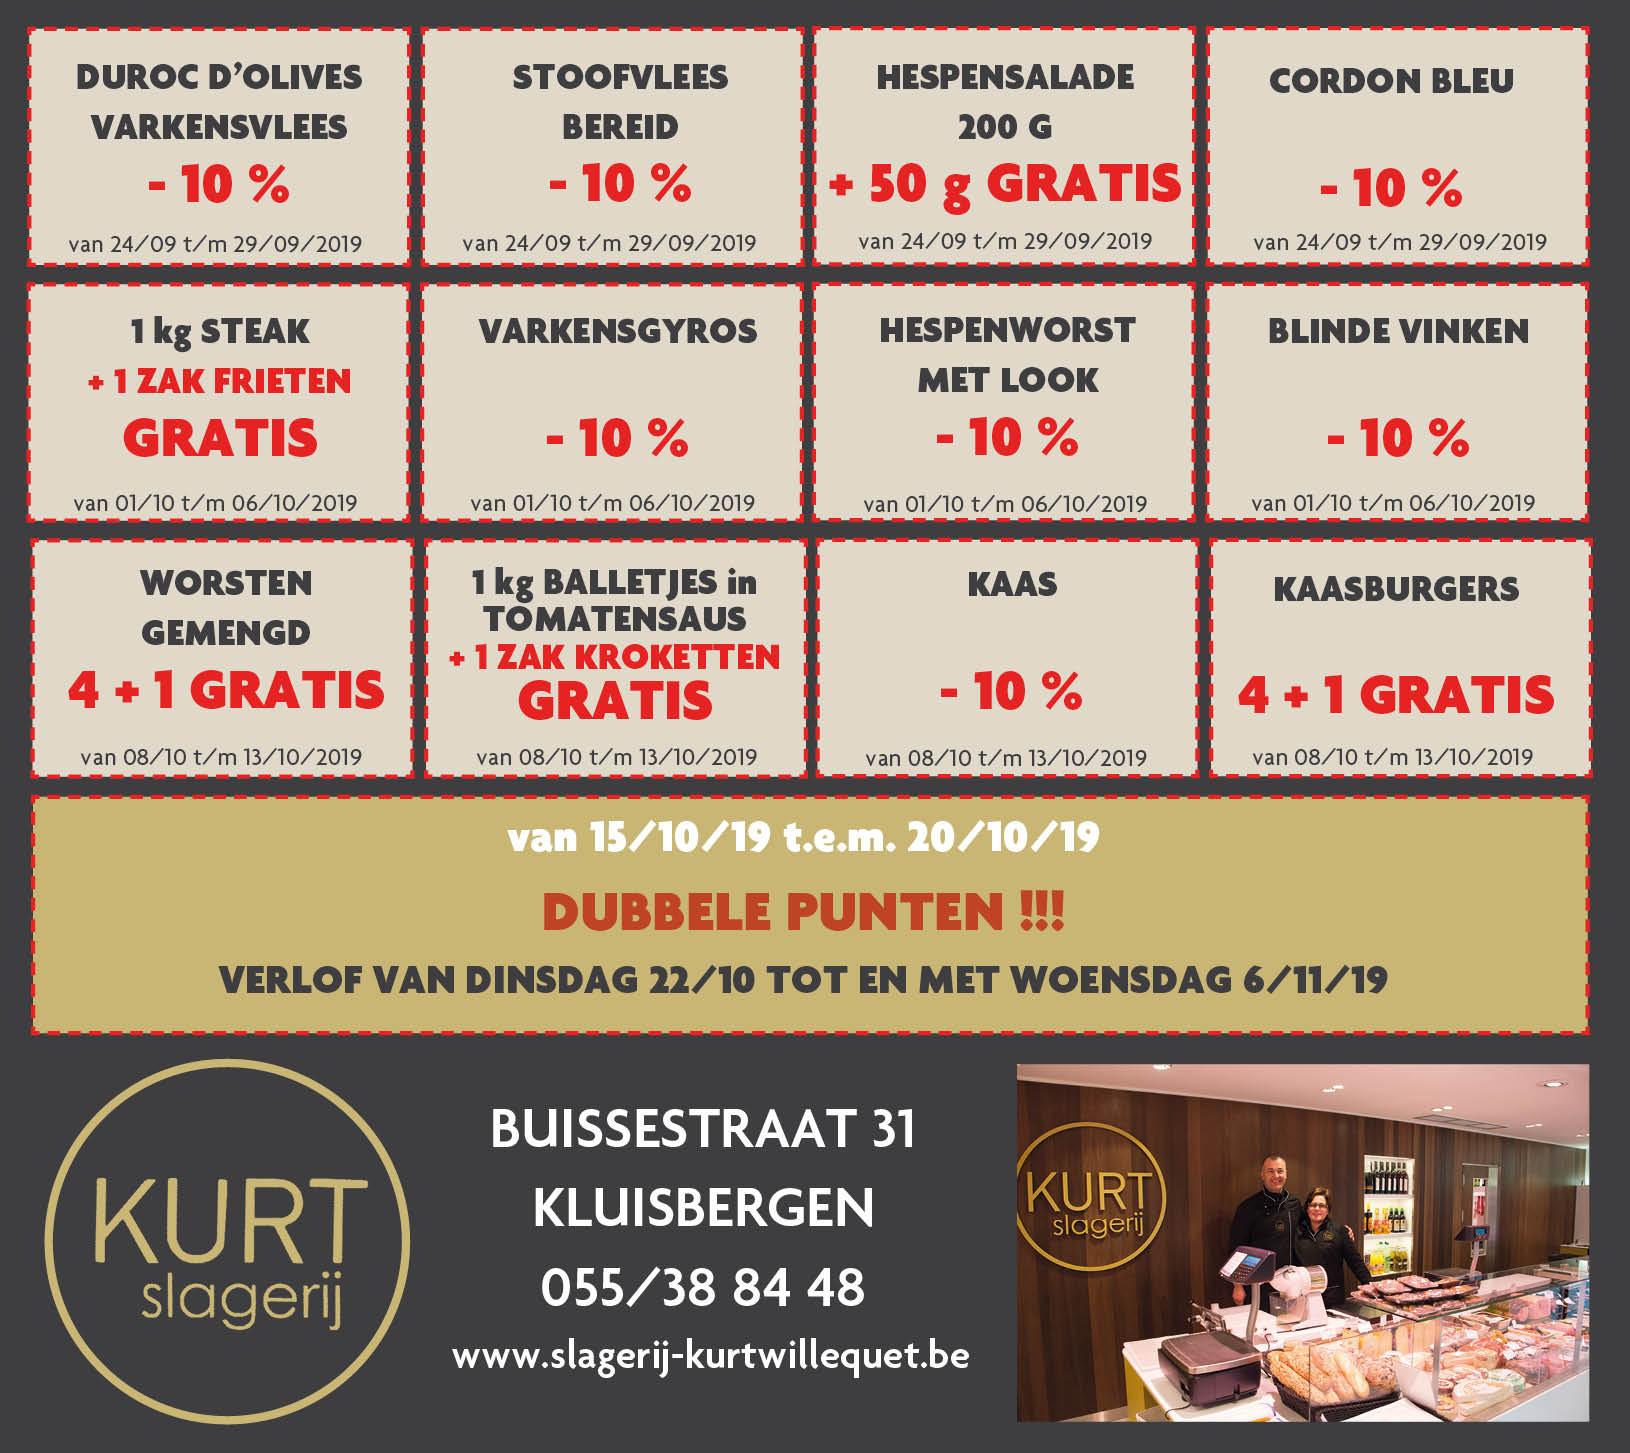 kurt_kluisbergen_sept_2019.jpg